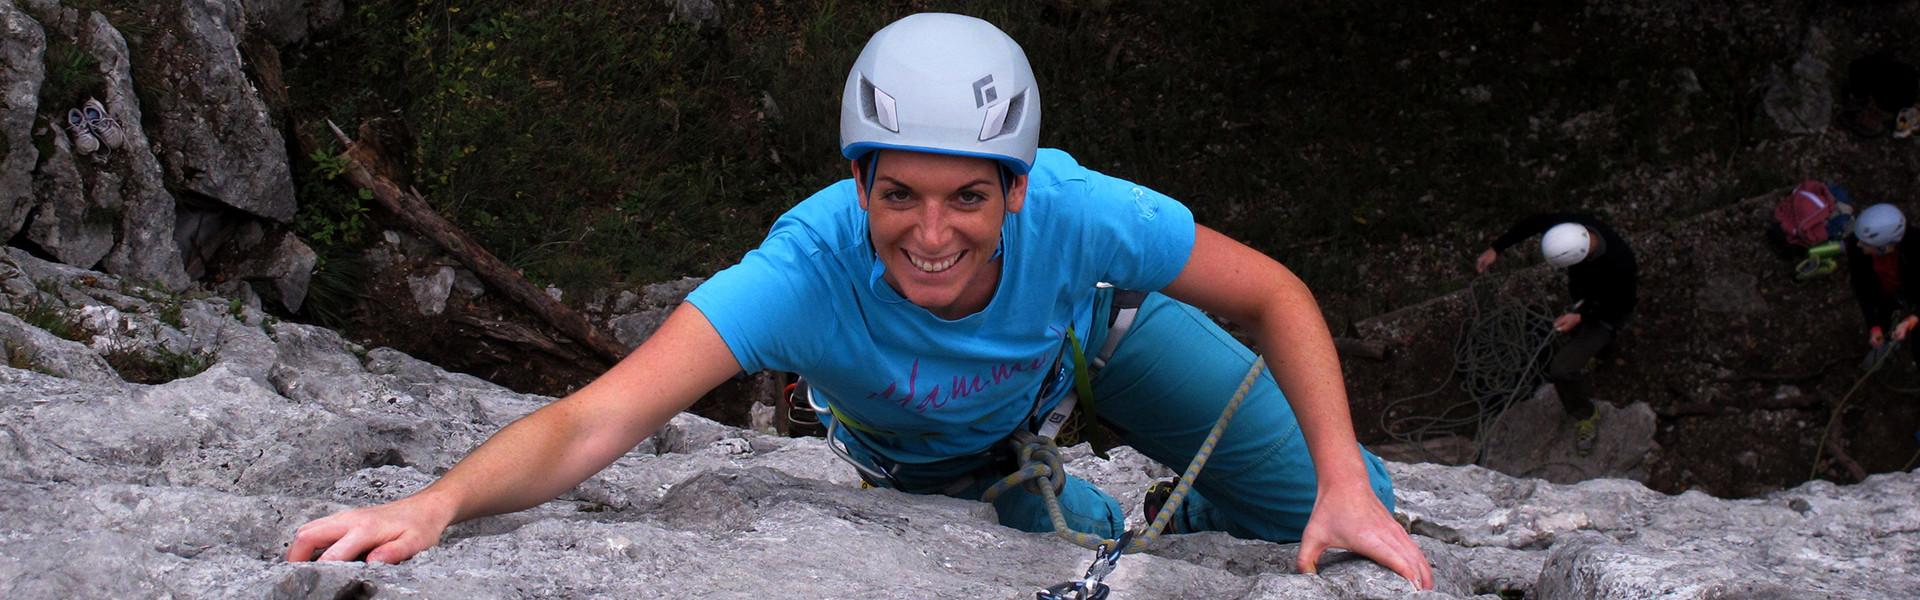 Kletterin beim outdoor klettern am Fels